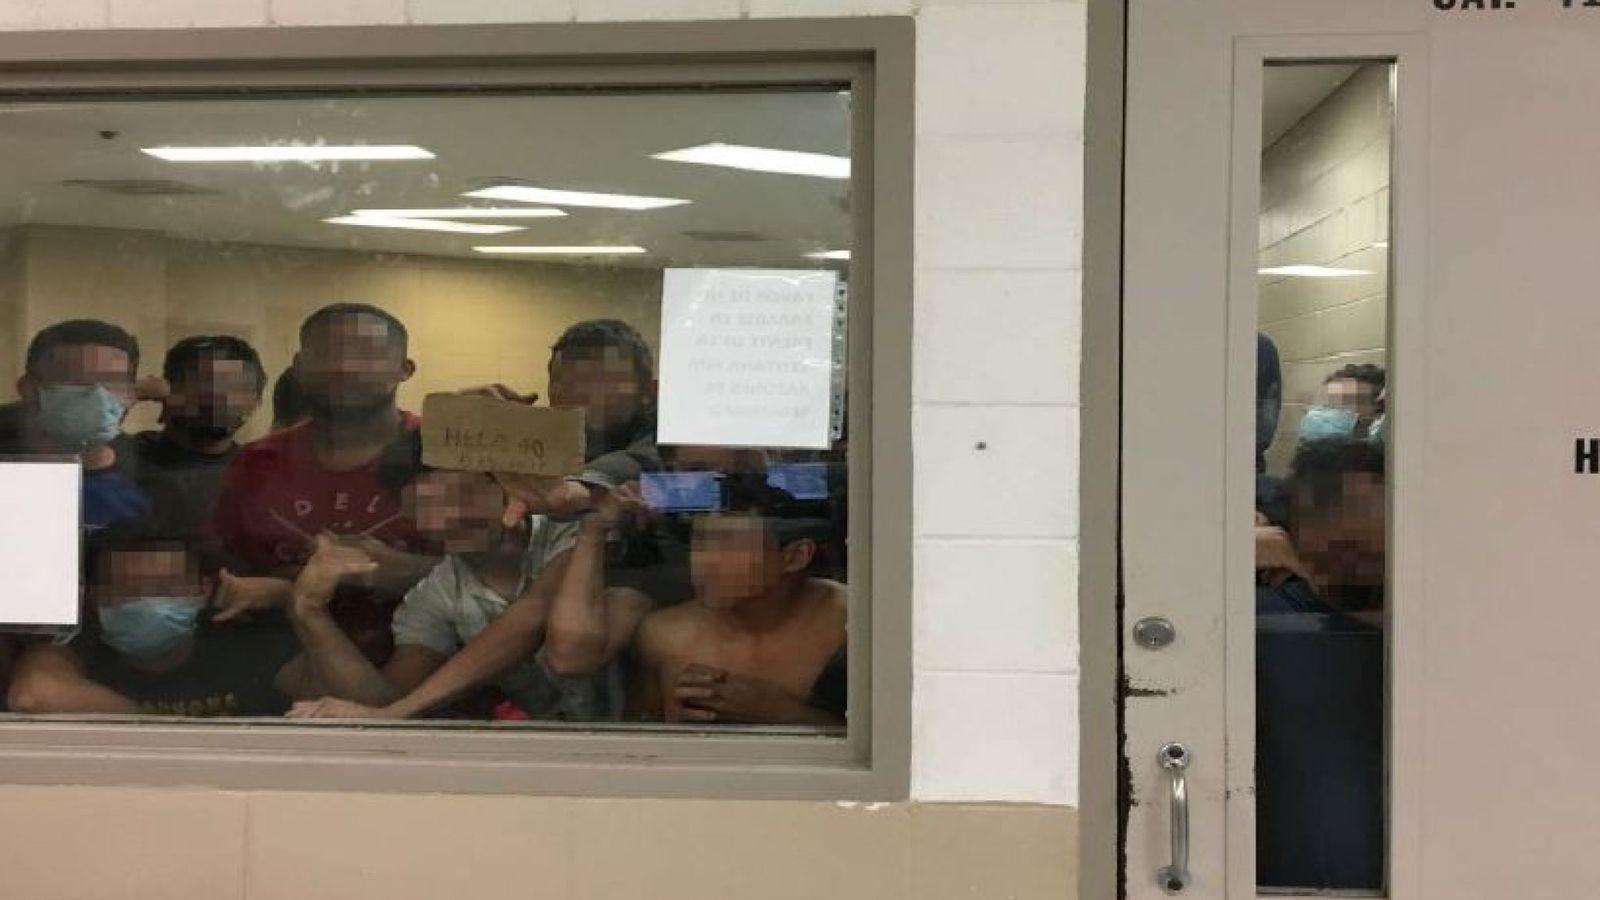 Parte del hacinamiento que se vive en las instalaciones fronterizas en donde el gobierno de los Estados Unidos mantiene detenidos a miles de inmigrantes en condiciones infrahumanas. Fotografía: Department of Homeland Security